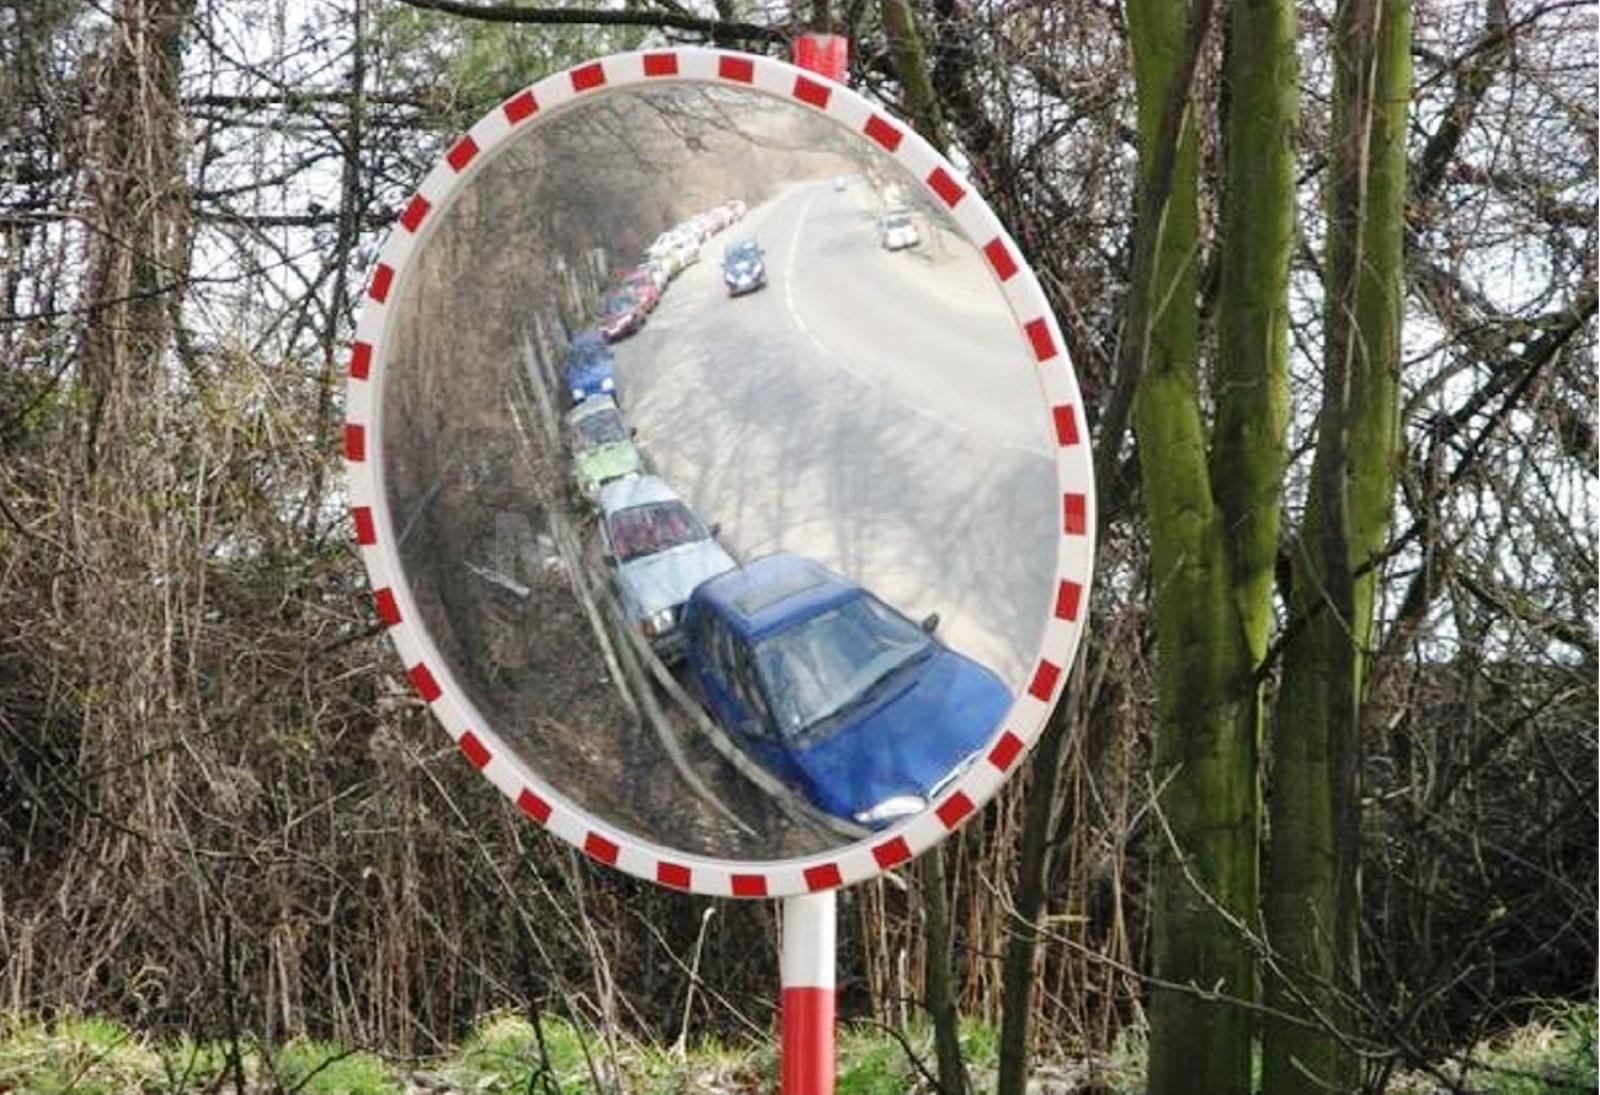 Сферические зеркала, активно используемые как в торговых центрах, так и при обустройстве дорог, тема нашего материала сегодня. В рамках этого сюжеты мы расскажем об основных типах данного вида оснащения, их особенностях и направлениях использования.